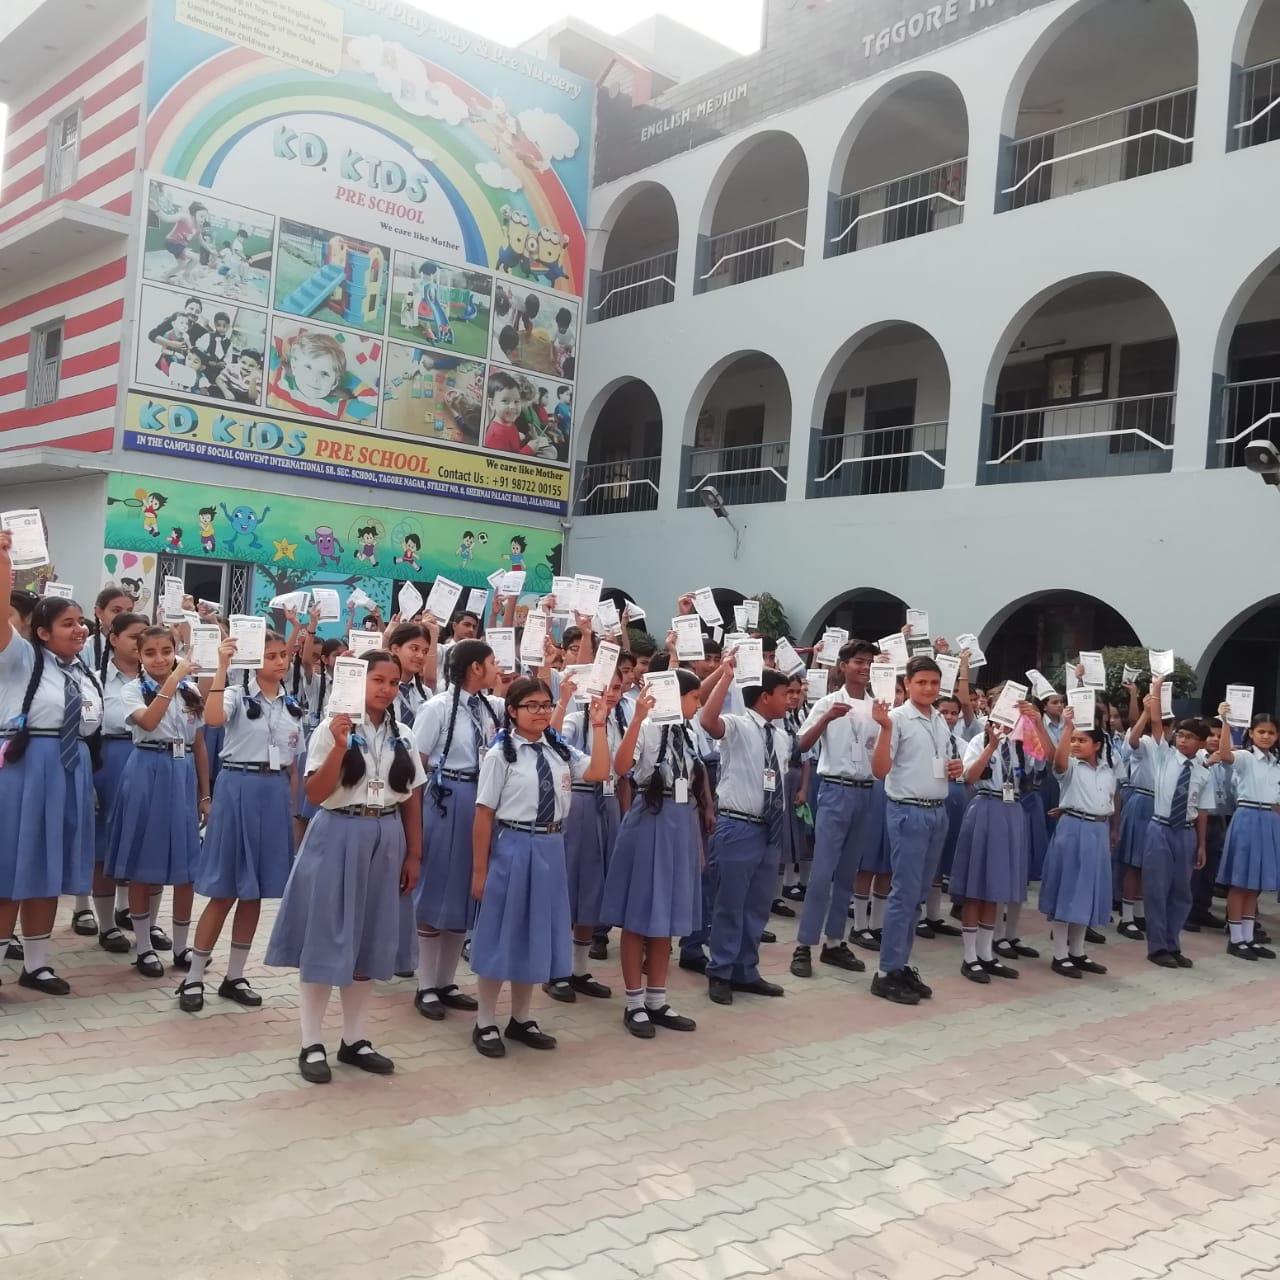 social convent school (1).jpeg